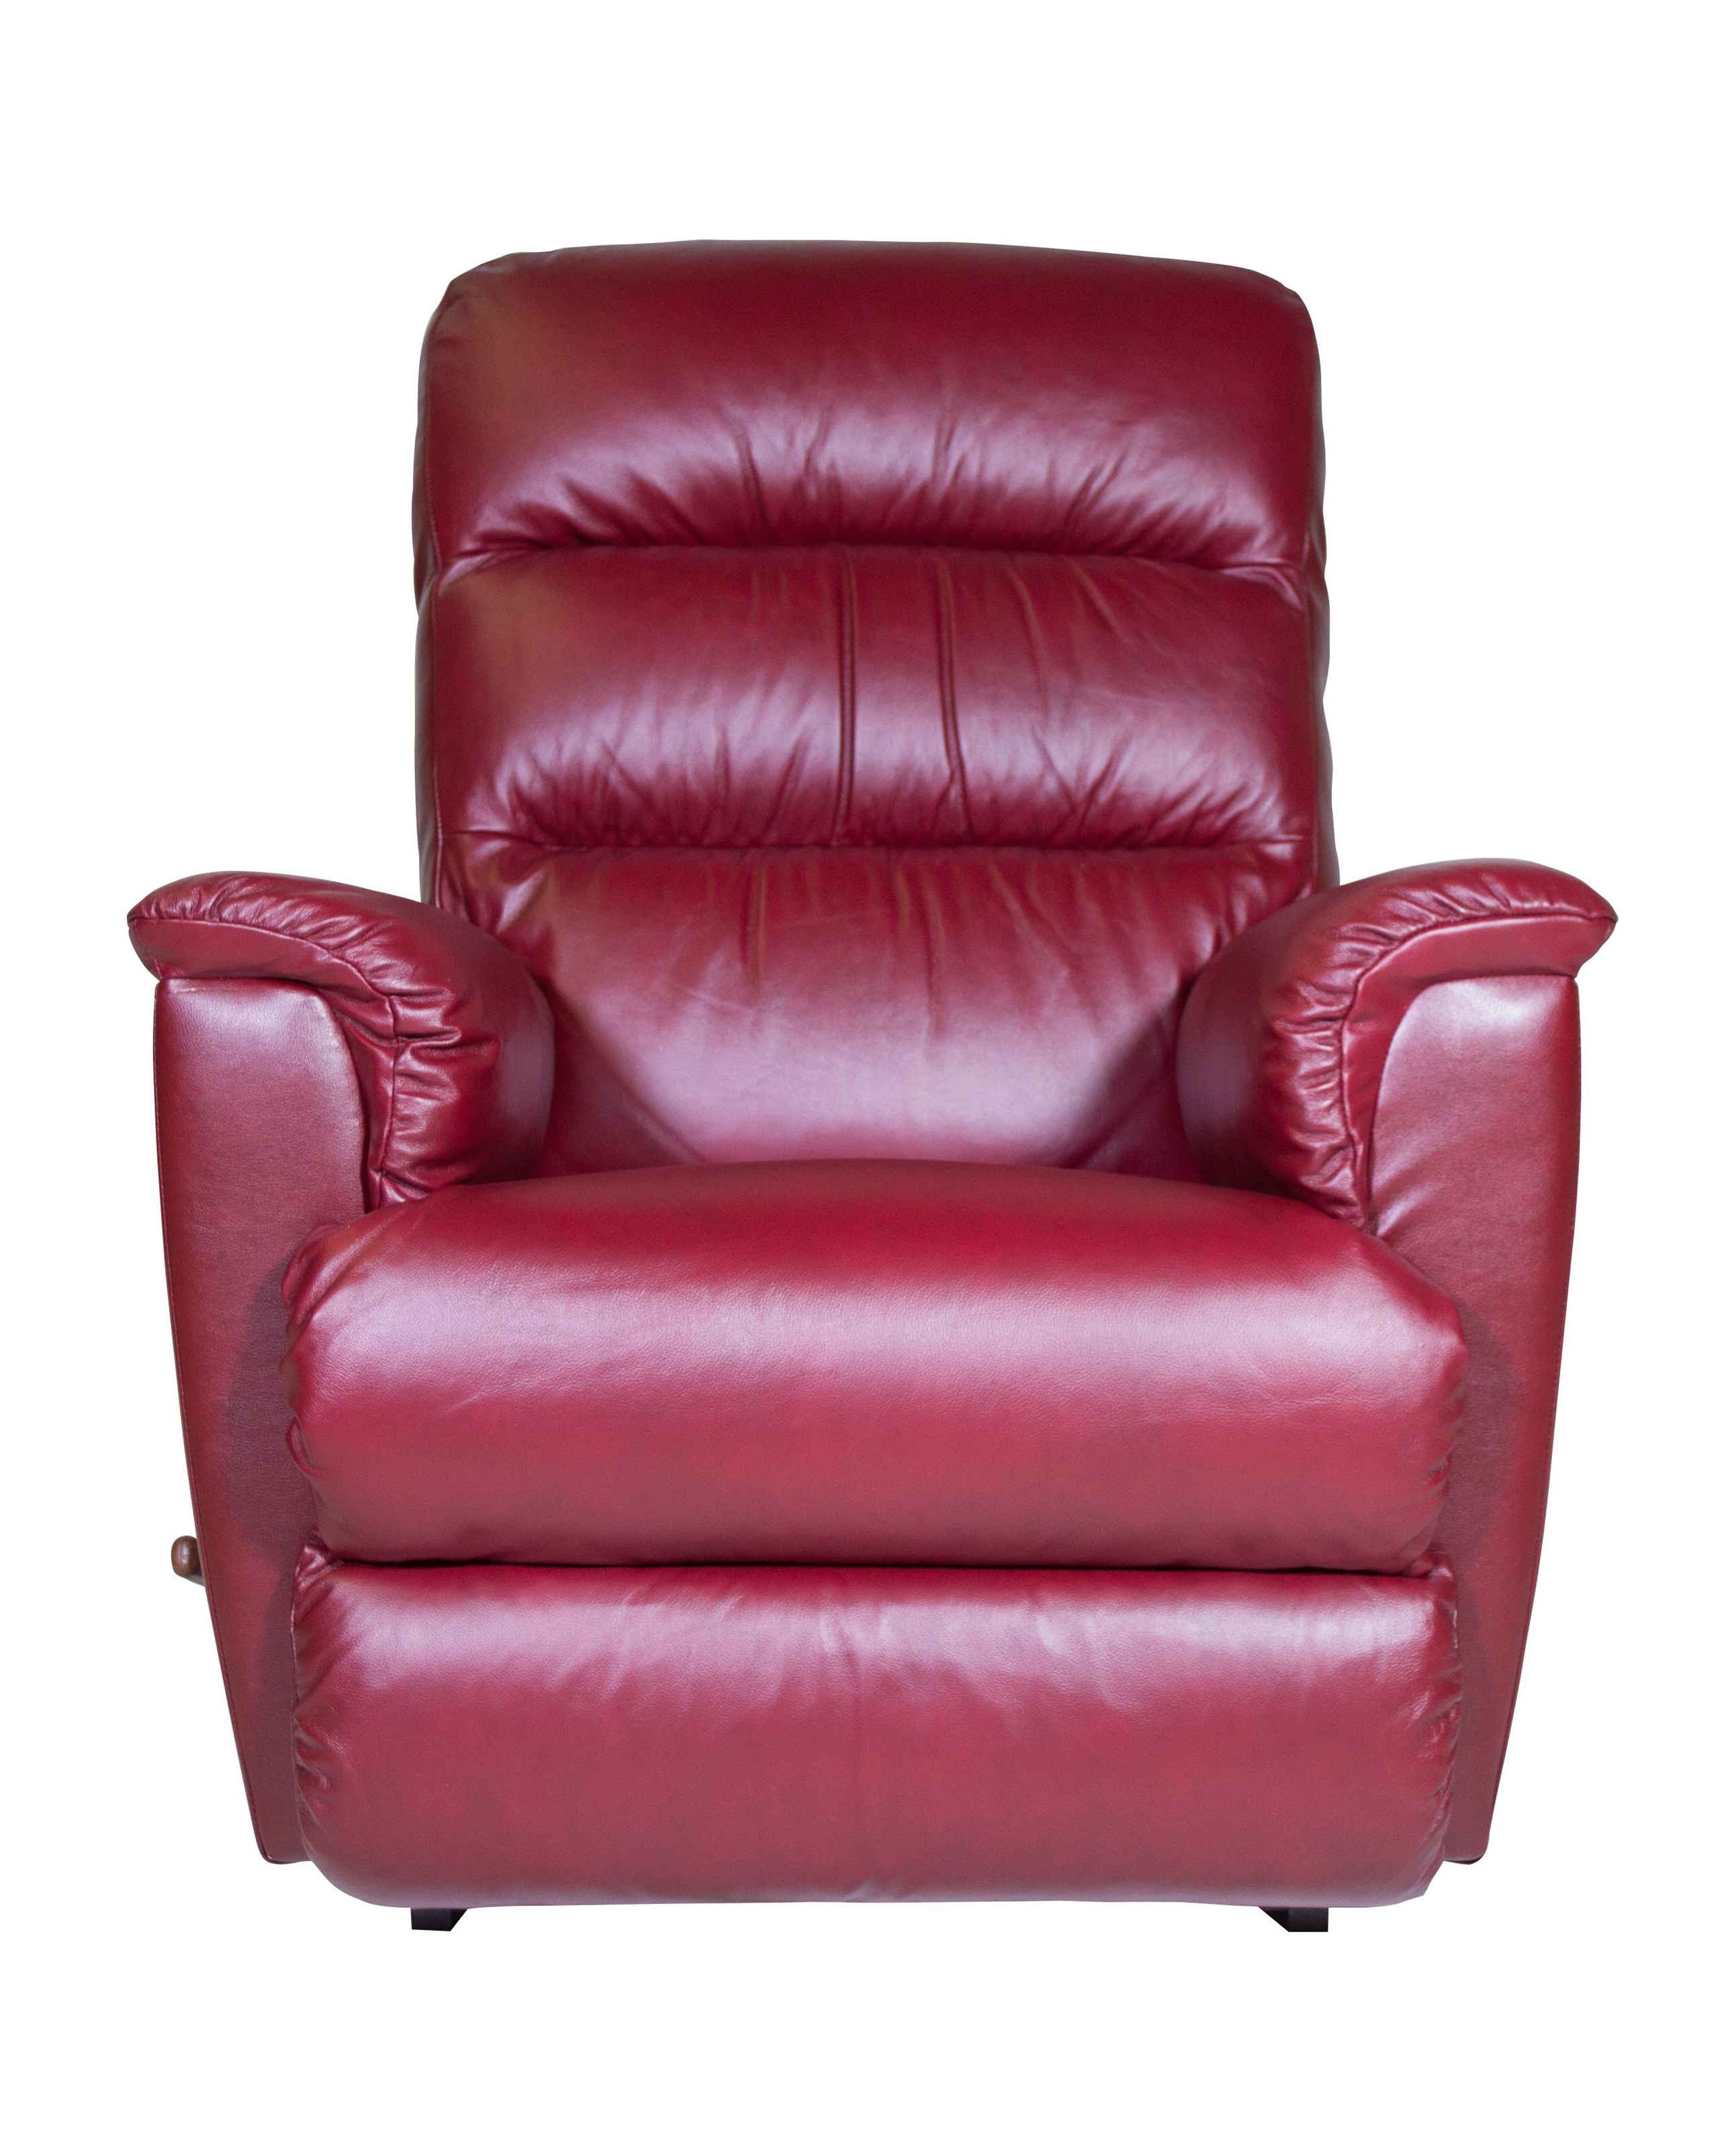 La Z Boy Tripoli Rocker Recliner HomeWorld Furniture Three Way